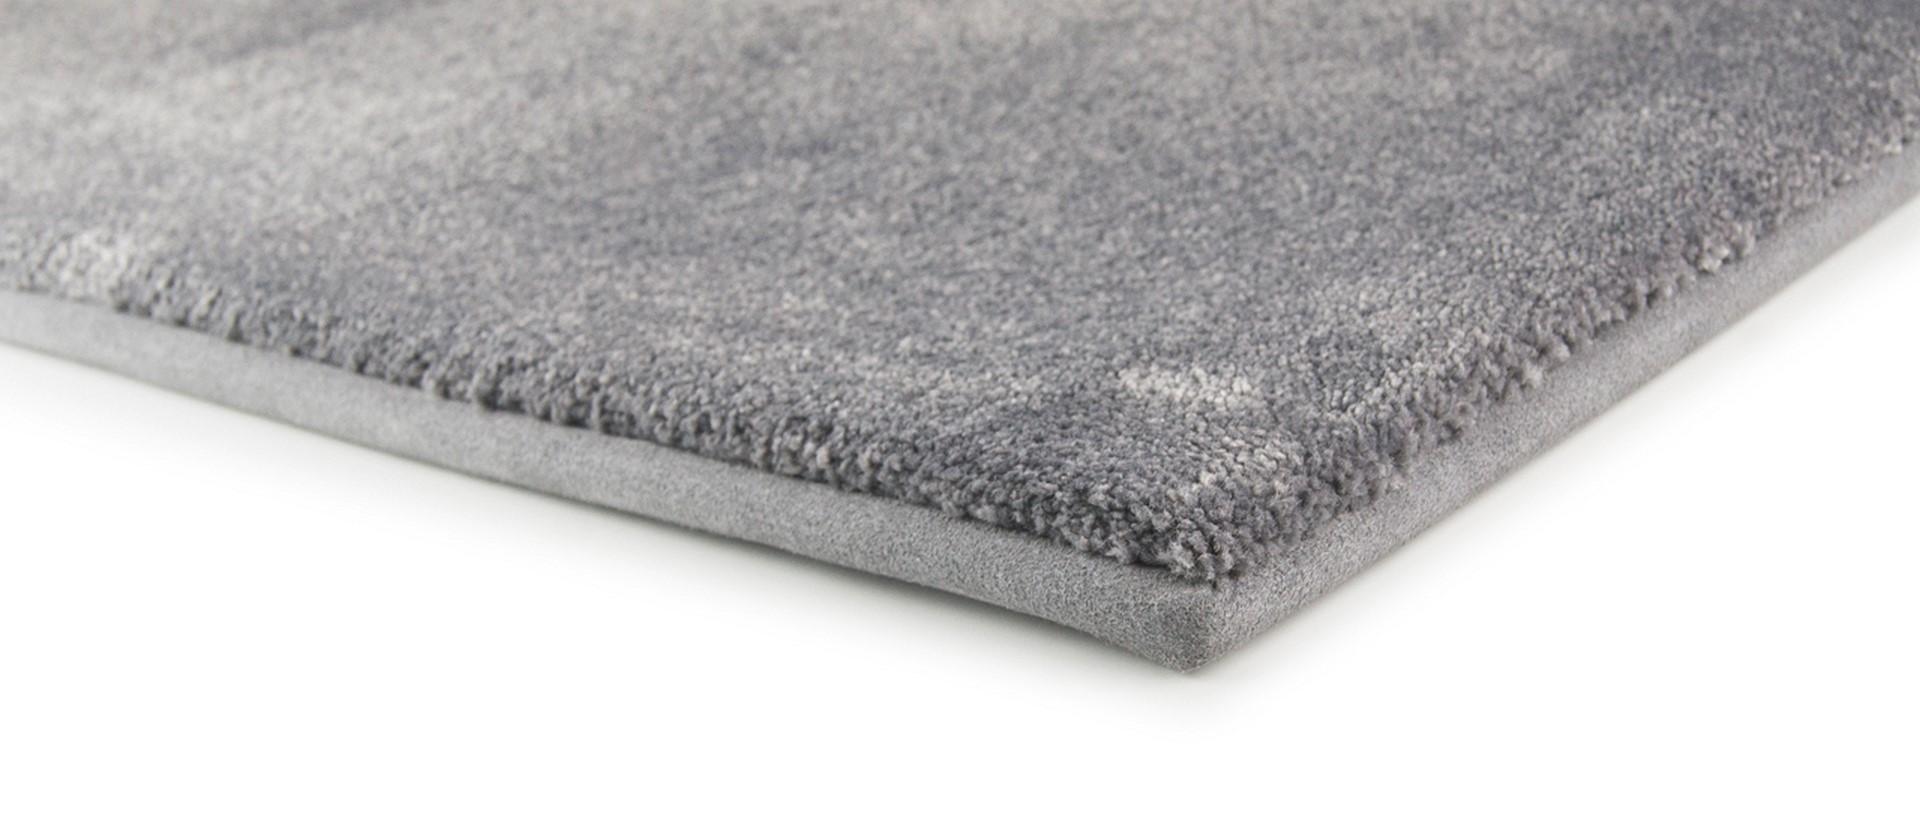 nylon carpet OSMPMTR